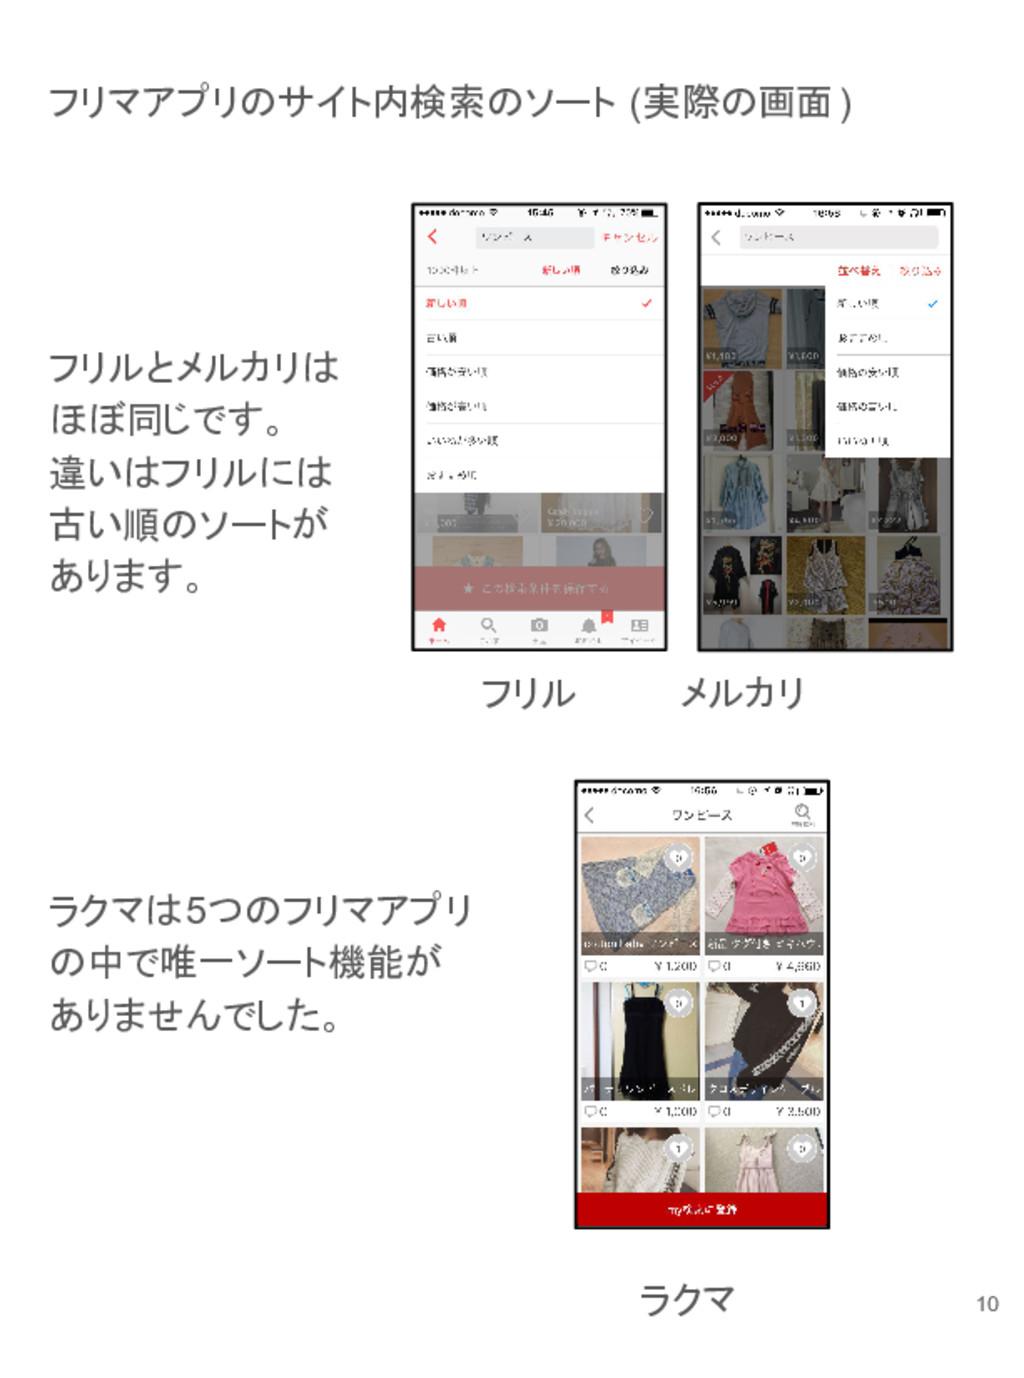 フリマアプリのサイト内検索のソート (実際の画面) フリルとメルカリは ほぼ同じです。 違いは...